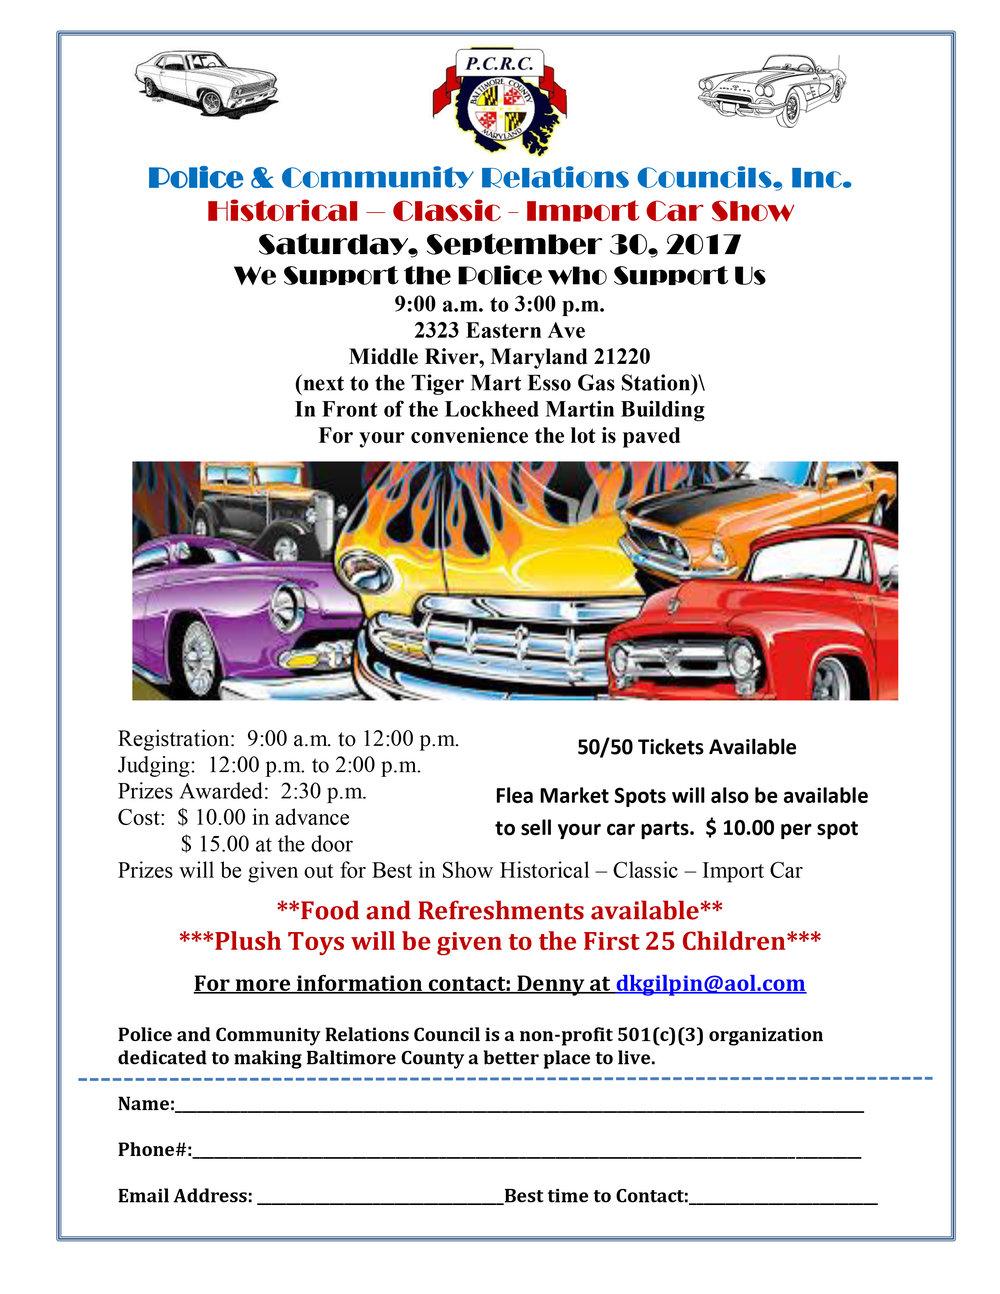 PCRC Car Show flyer 9-15-17.jpg